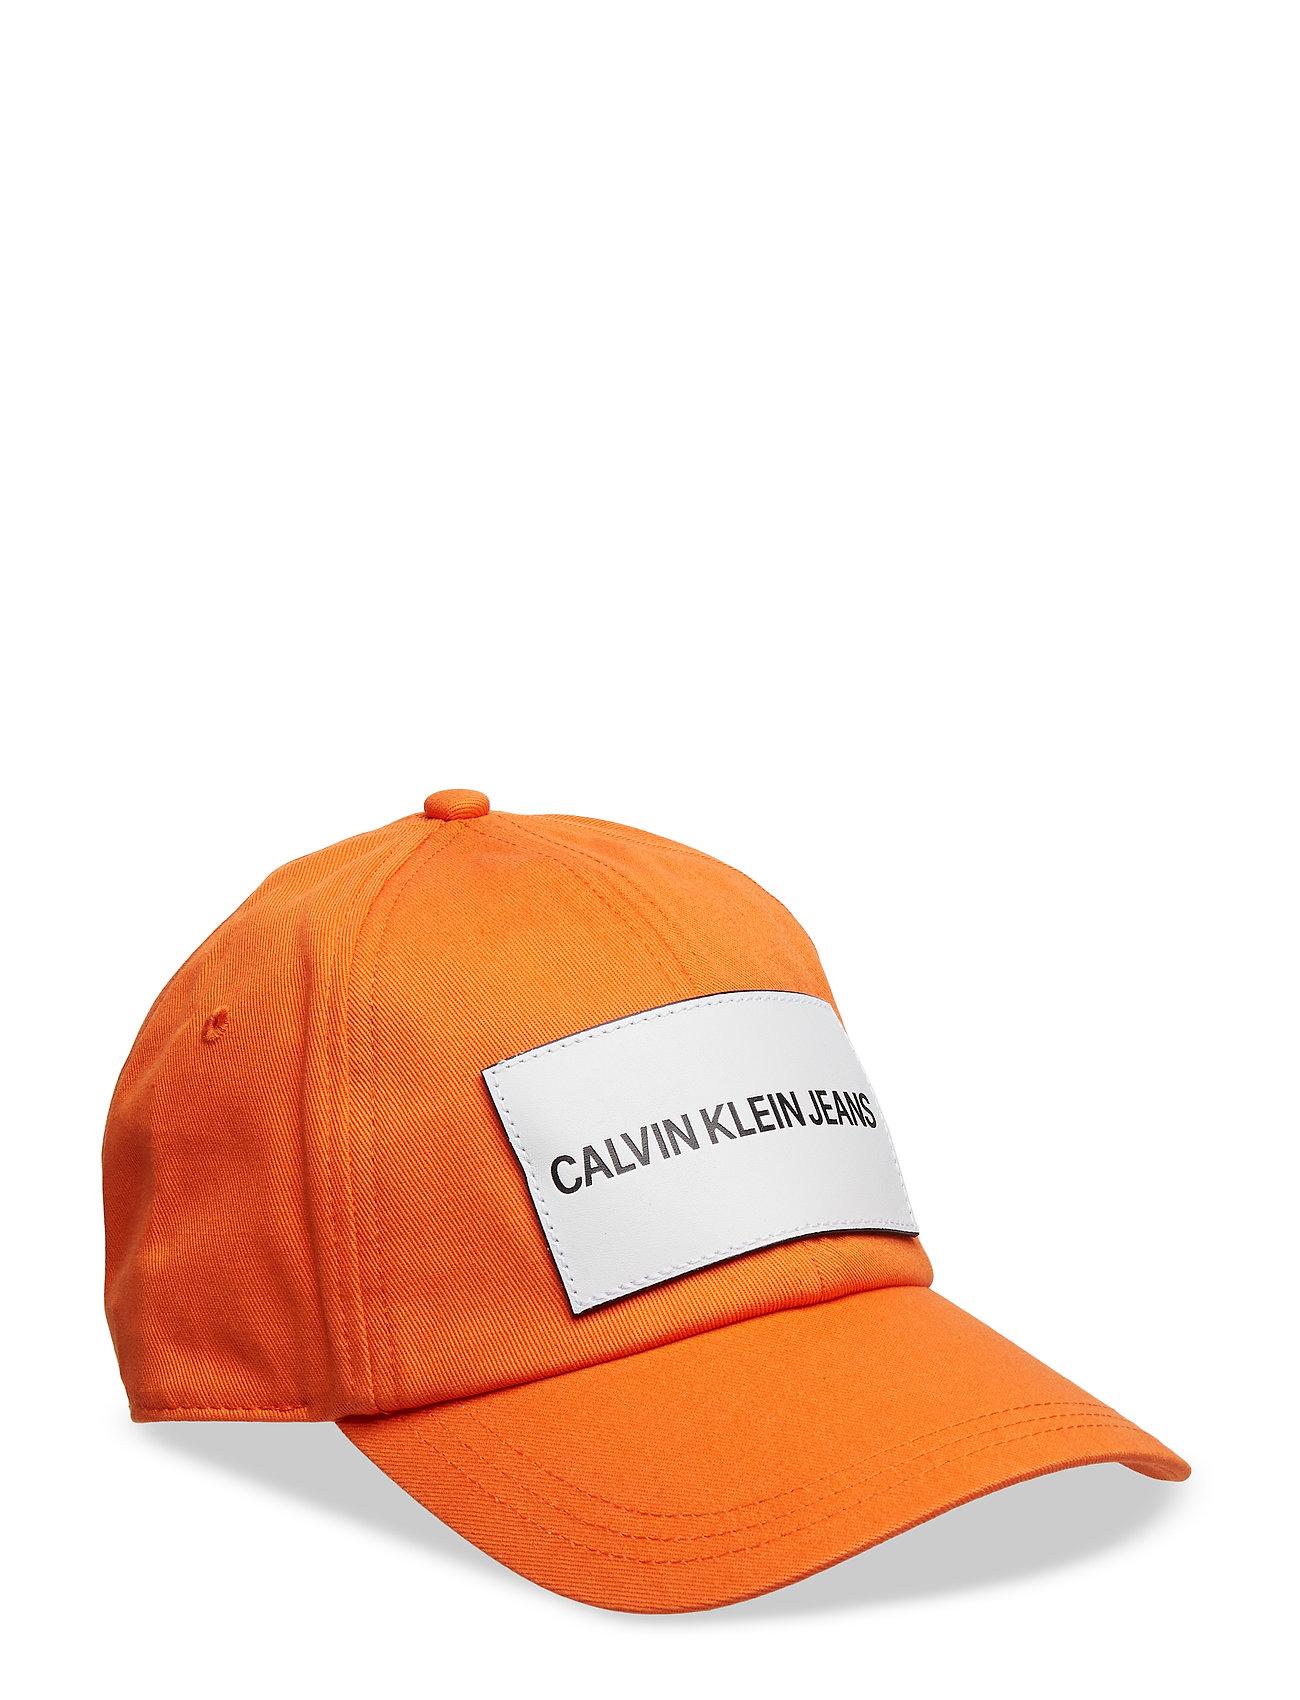 Image of J Calvin Klein Jeans Accessories Headwear Caps Orange Calvin Klein (3094066301)